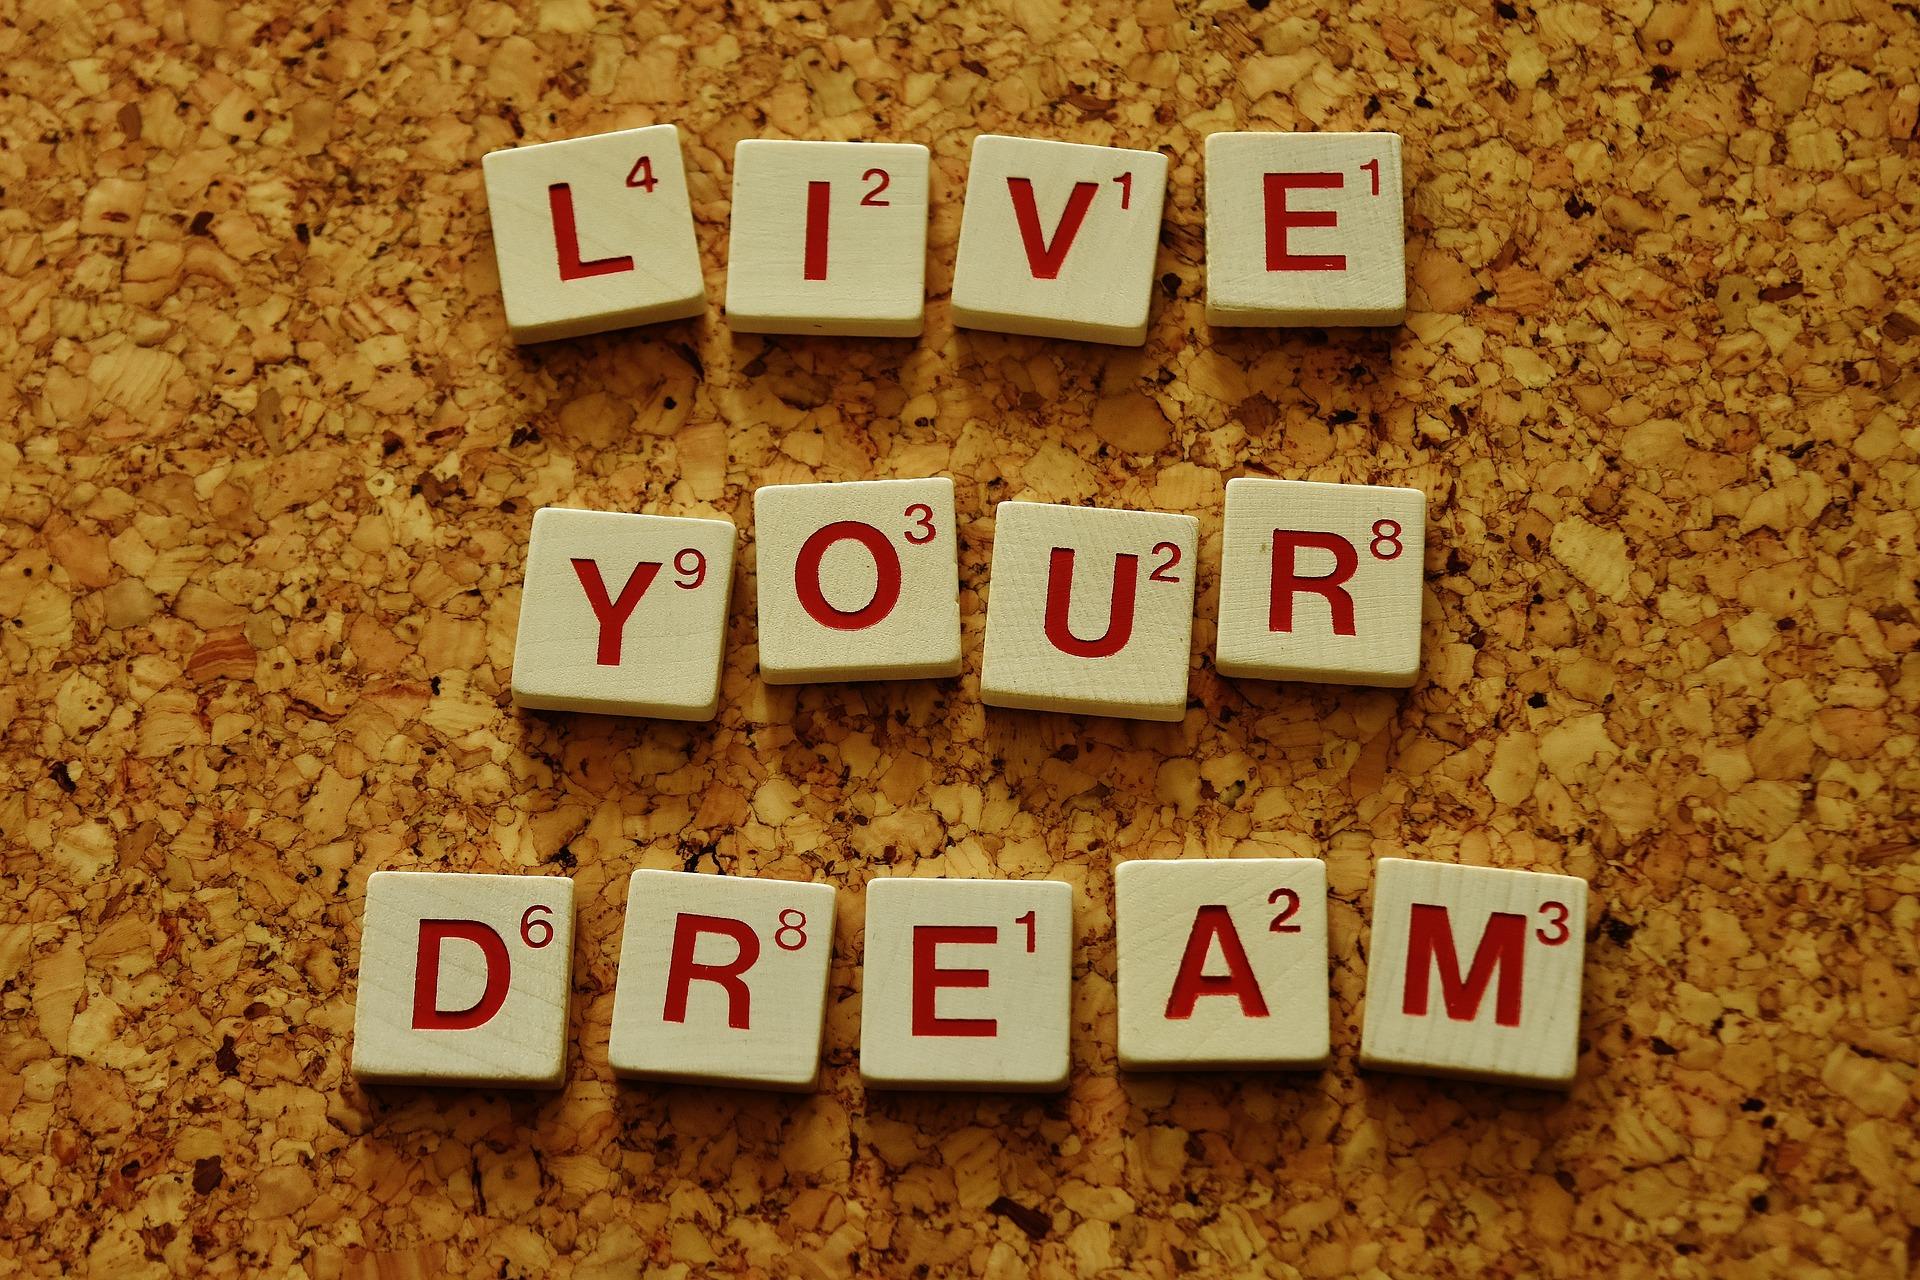 Alateadvuse väljakutse tagasiside: Elan oma unistuste elu ning mu elus on rõõm!